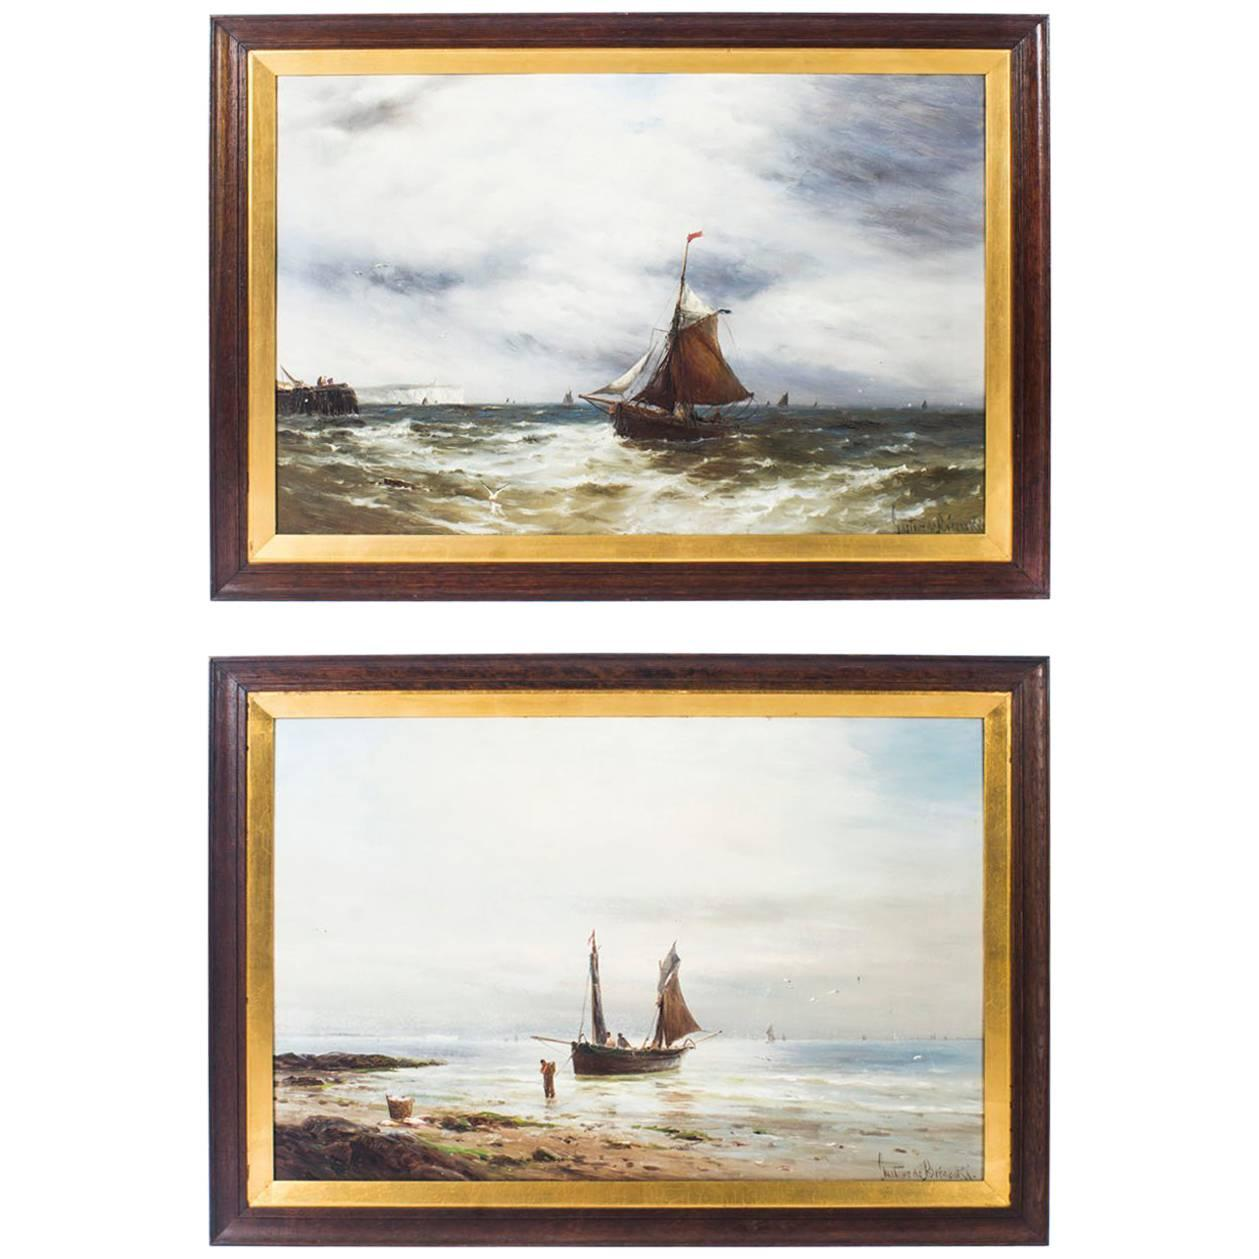 Pair of Oil on Canvas Seascape Paintings Gustave De Bréanski, 19th Century